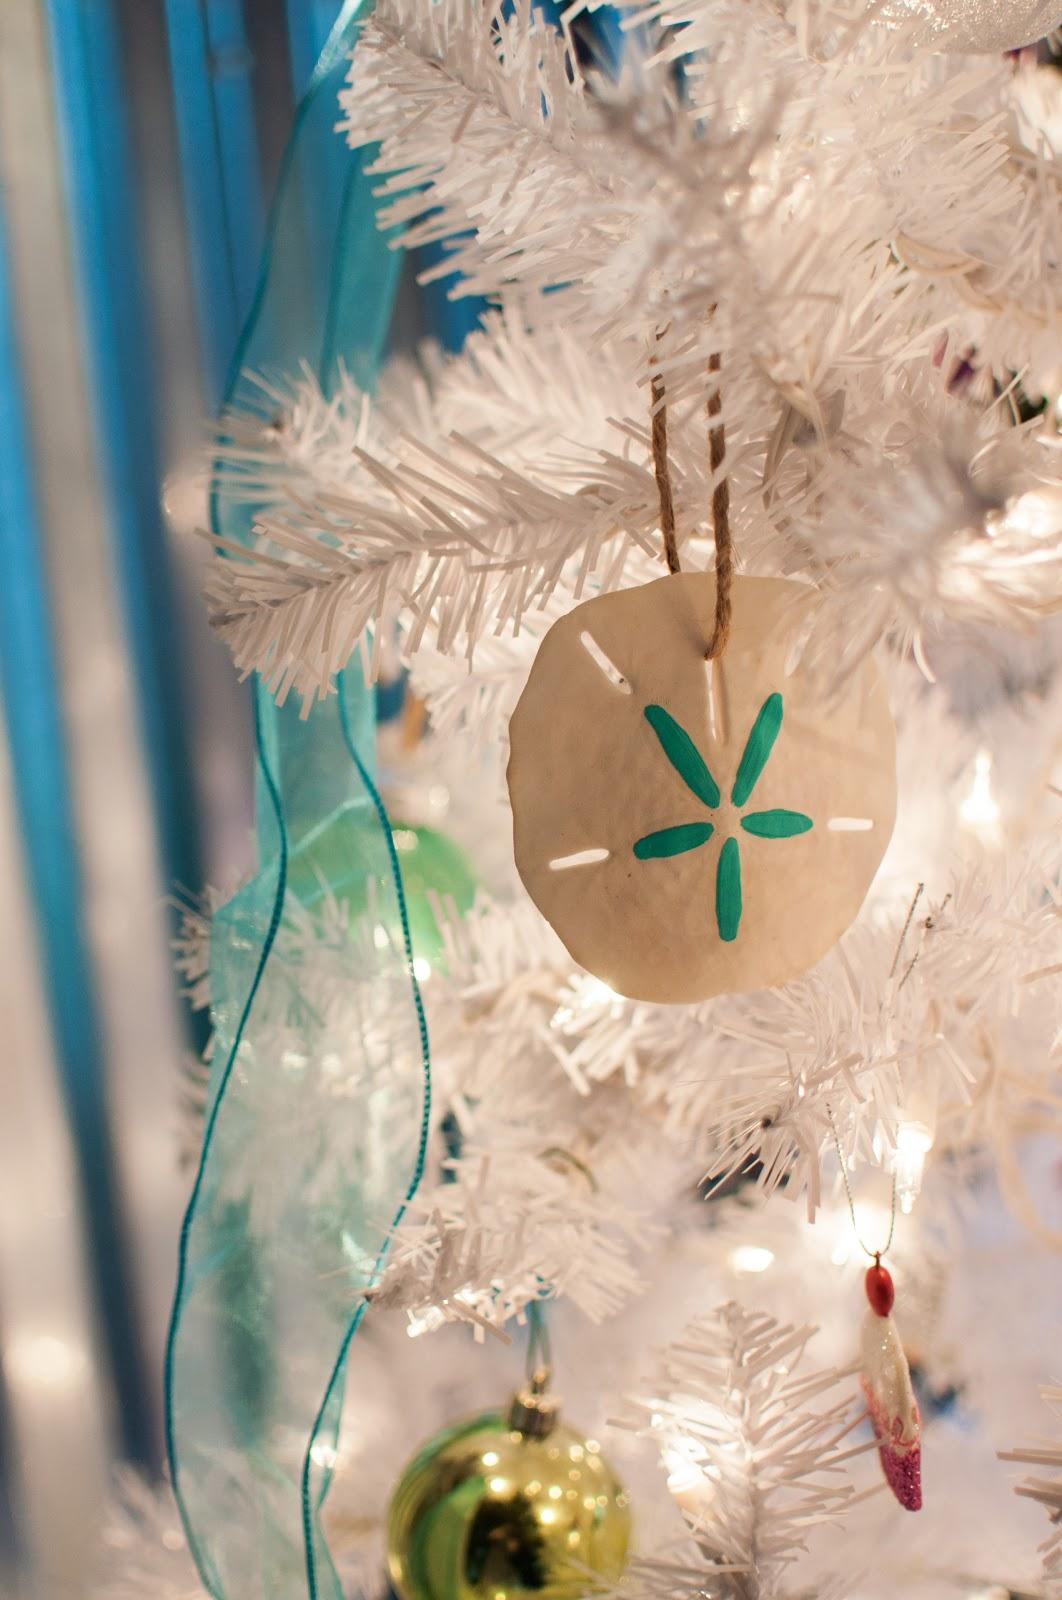 Art actually diy seashell ornaments - Seashell ornaments to make ...